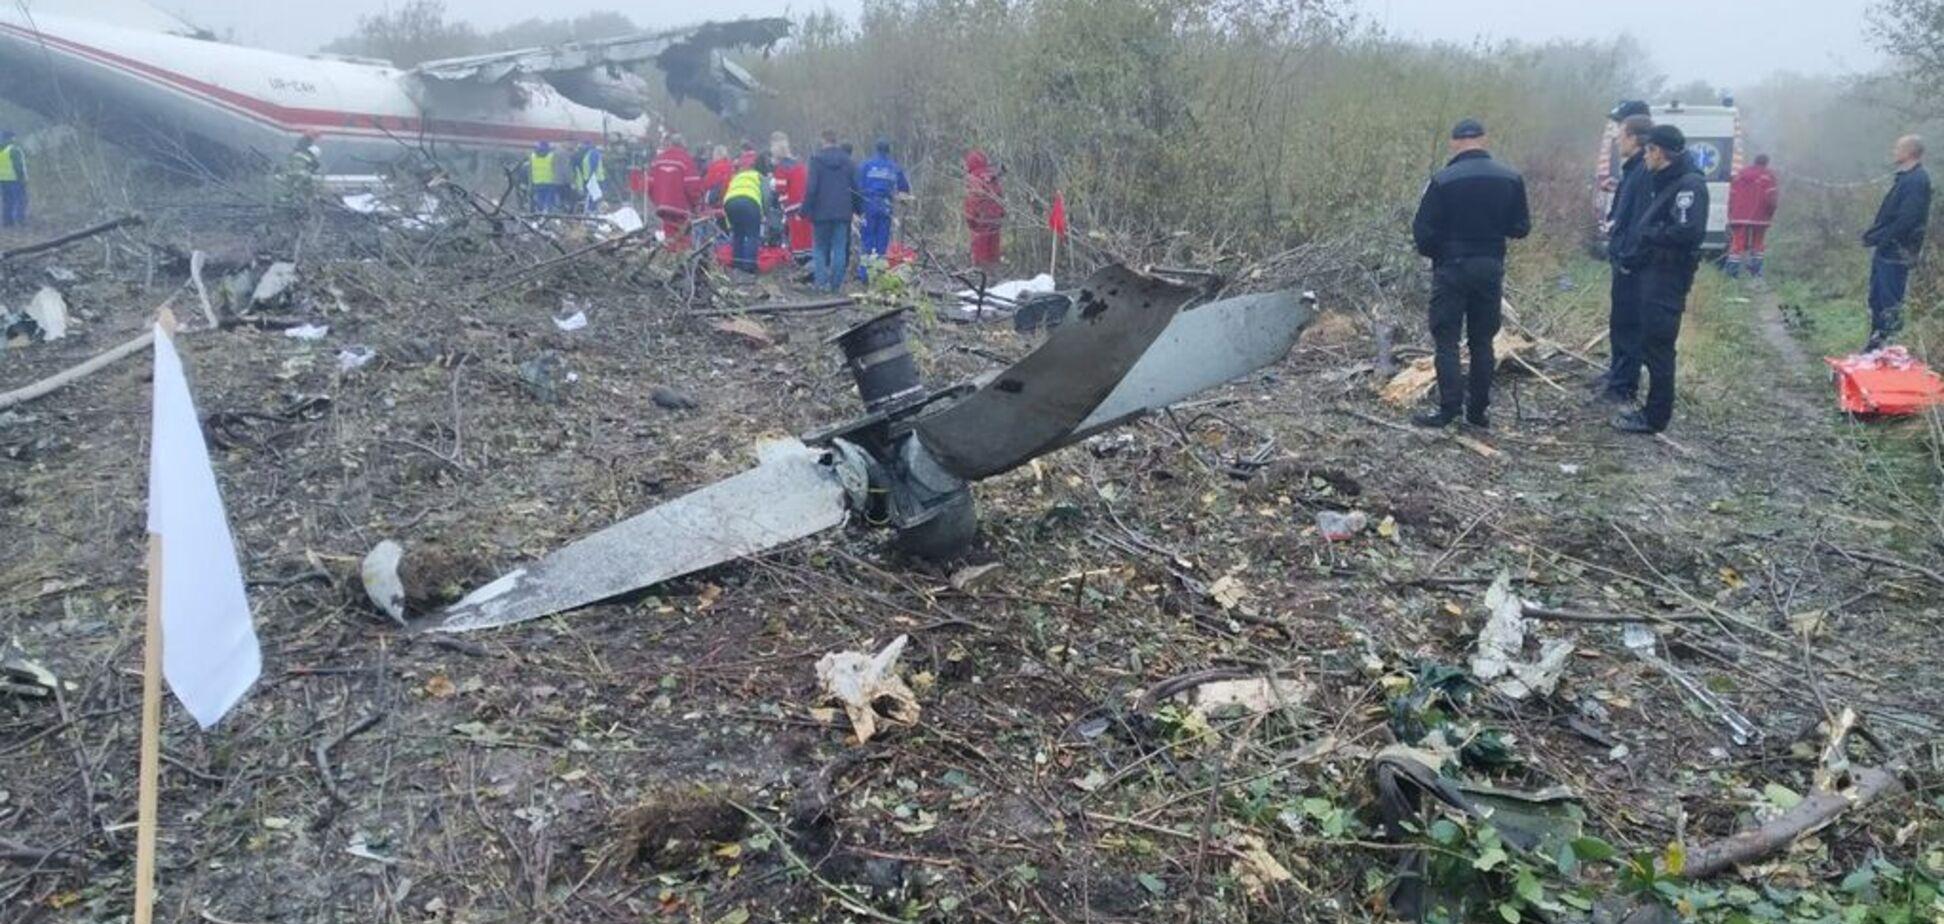 Смертельна НП з літаком під Львовом: названо кількість жертв